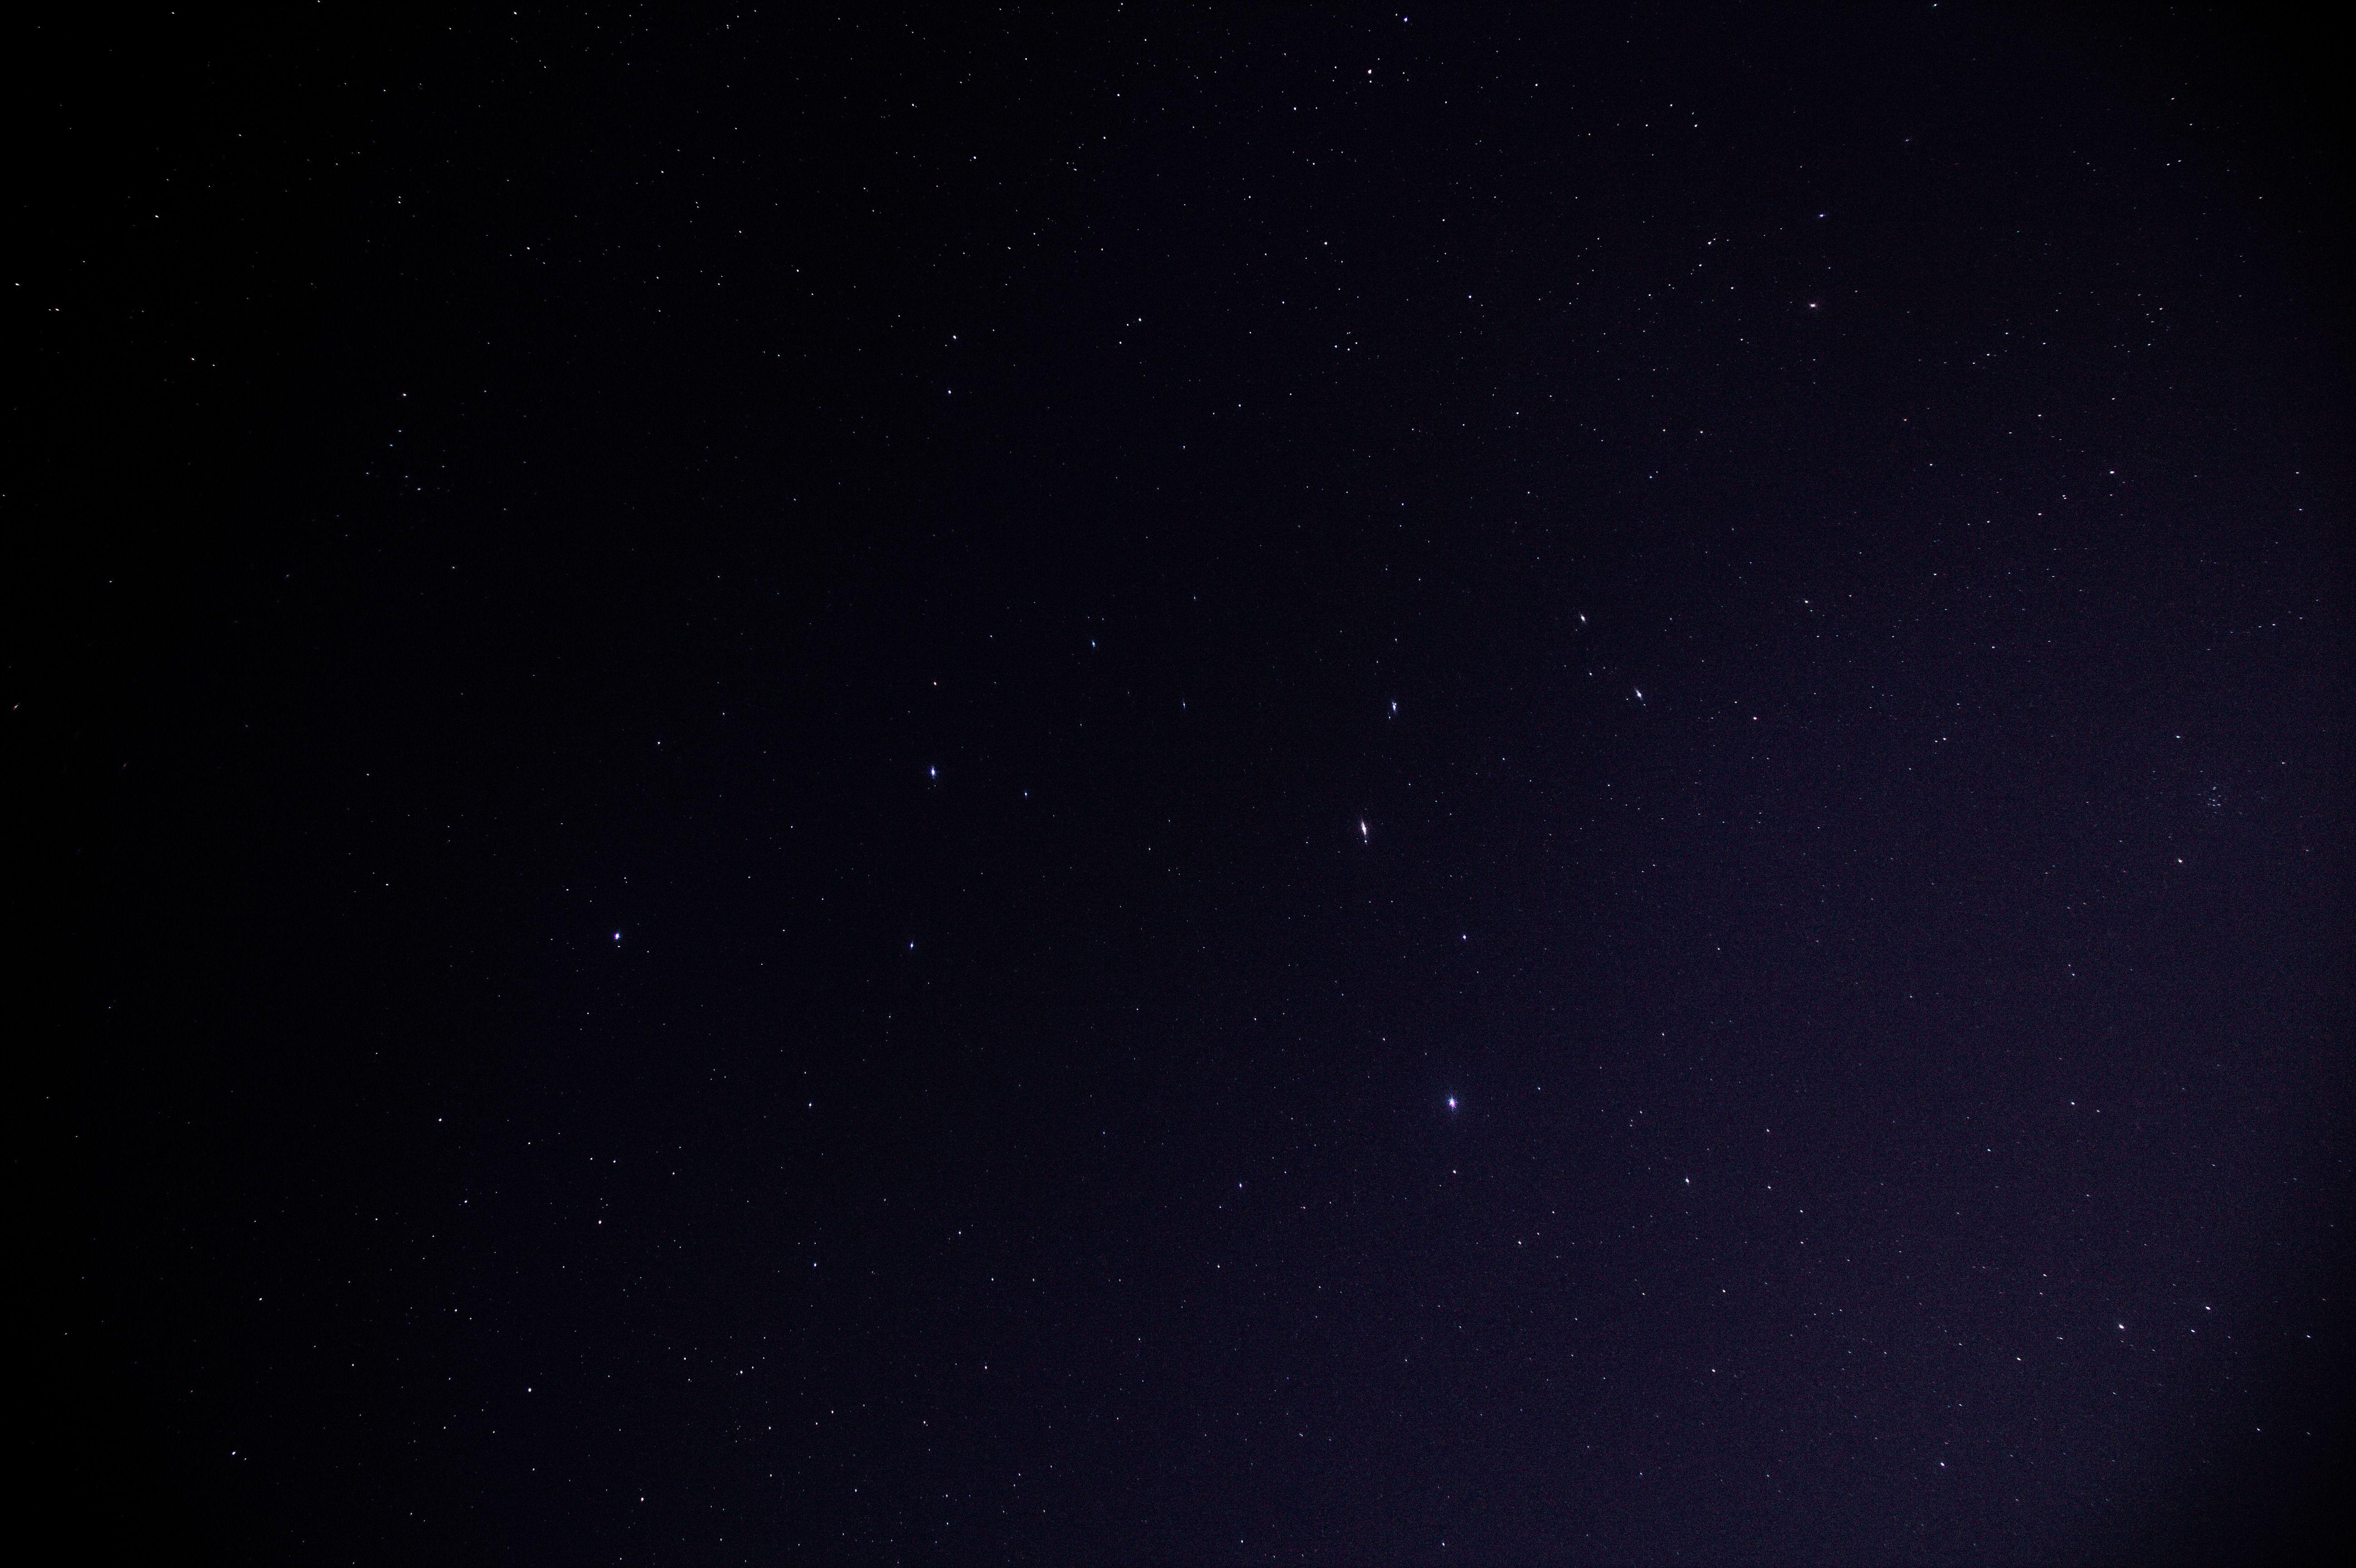 矢田自然公園-関西の天体観測スポット